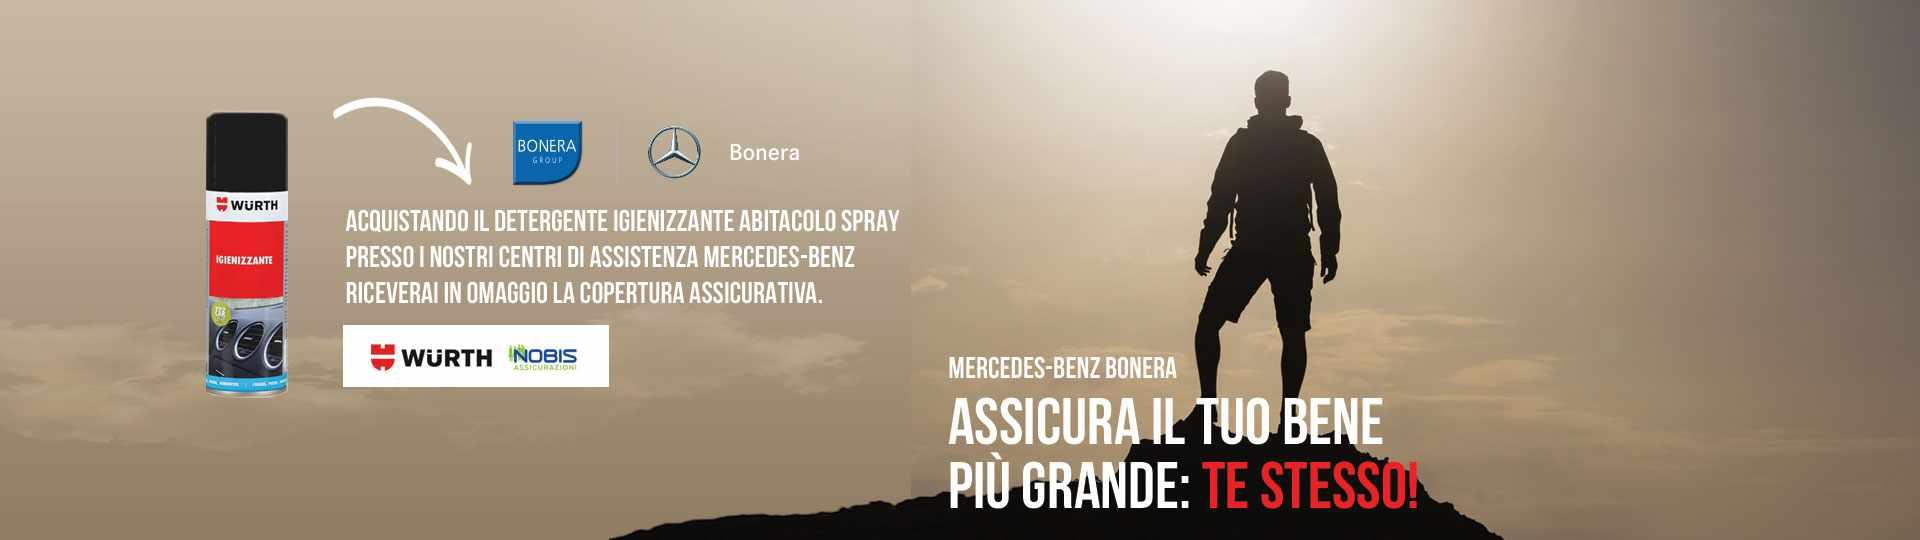 header_assicurazione_wurth_mercedes_agosto_2020.jpg